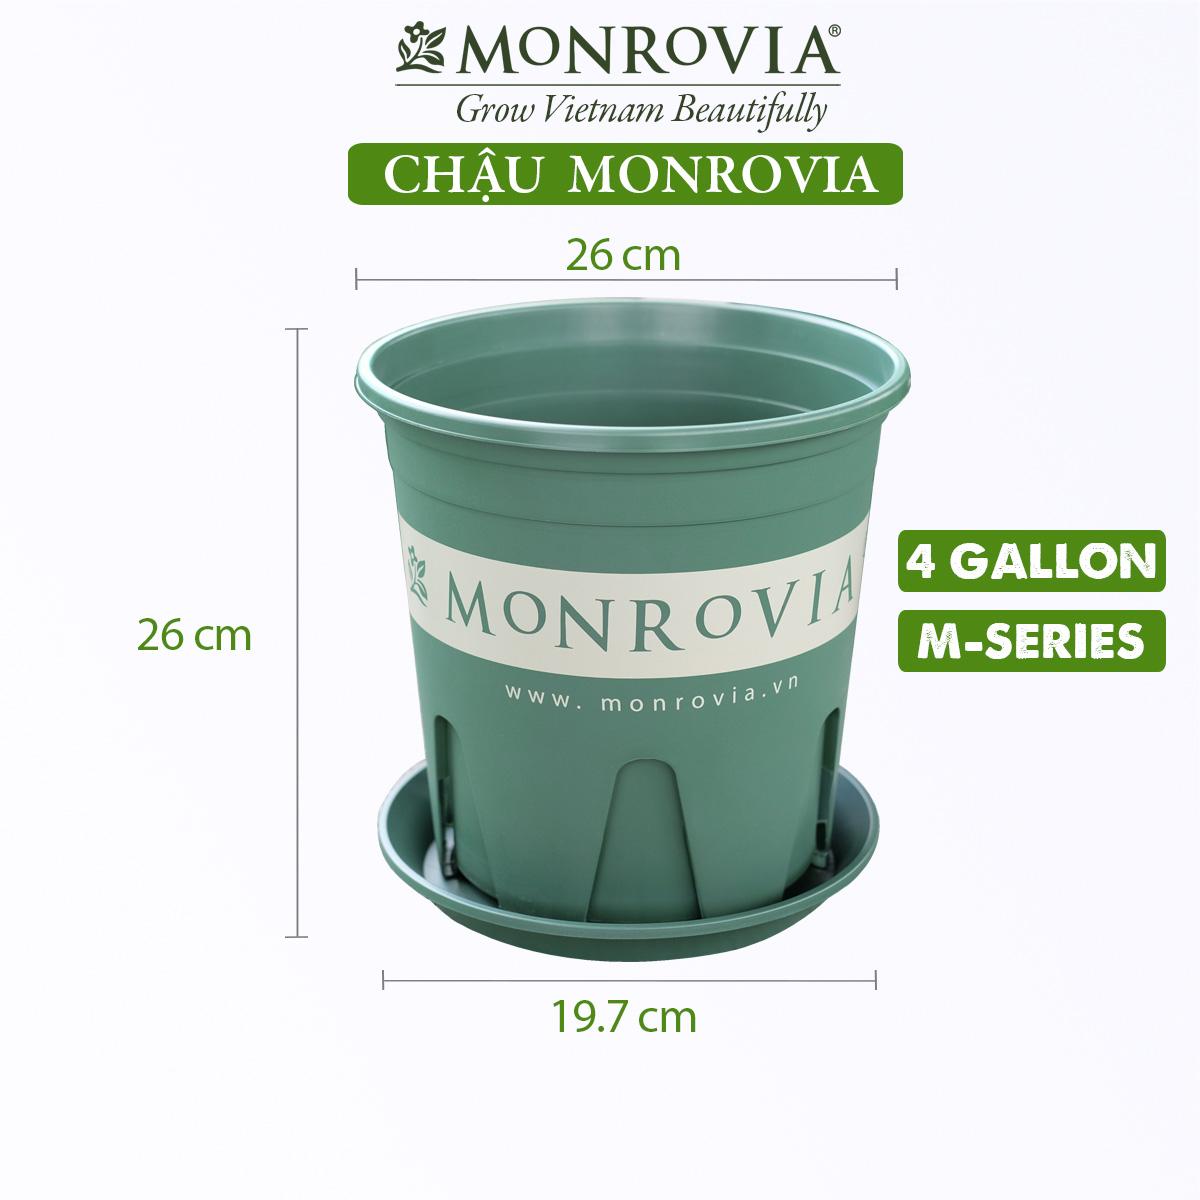 Chậu nhựa trồng cây Monrovia, chậu trồng cây, chậu cây cảnh mini, để bàn, treo ban công, treo tường, cao cấp, m-series